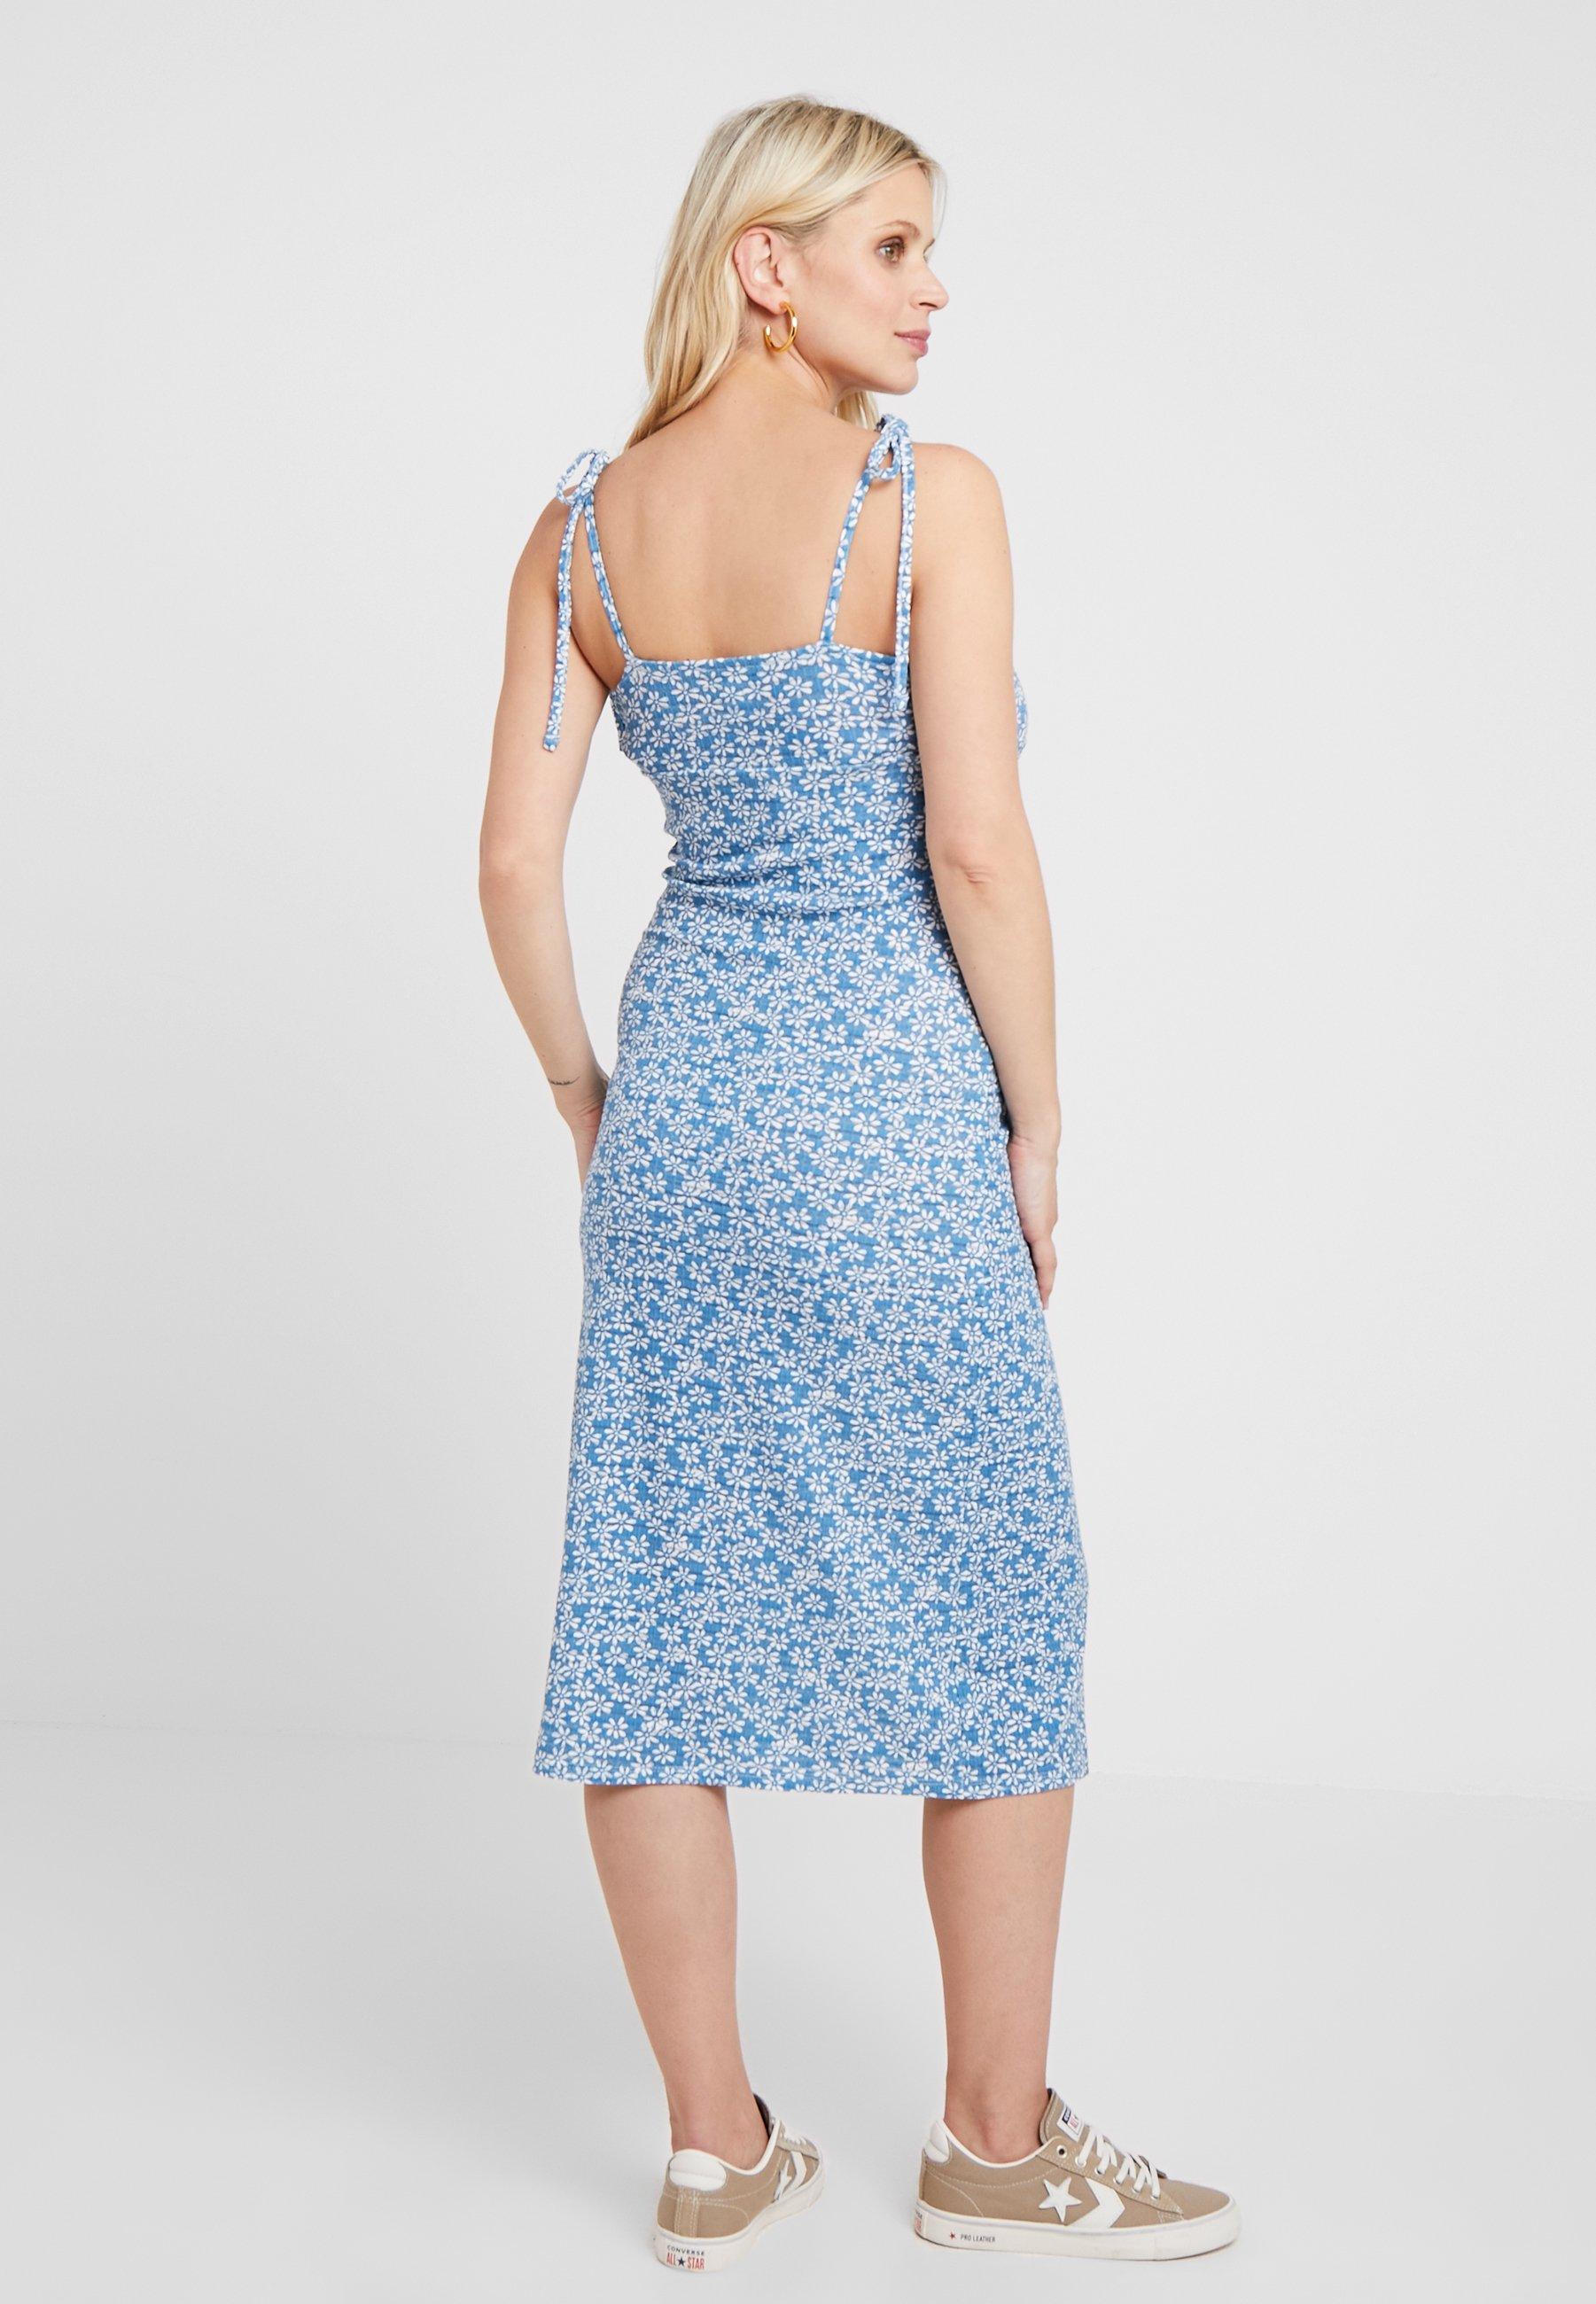 DressRobe Jersey Blue En Twist Maternity Topshop Ditsy vnm08Nw